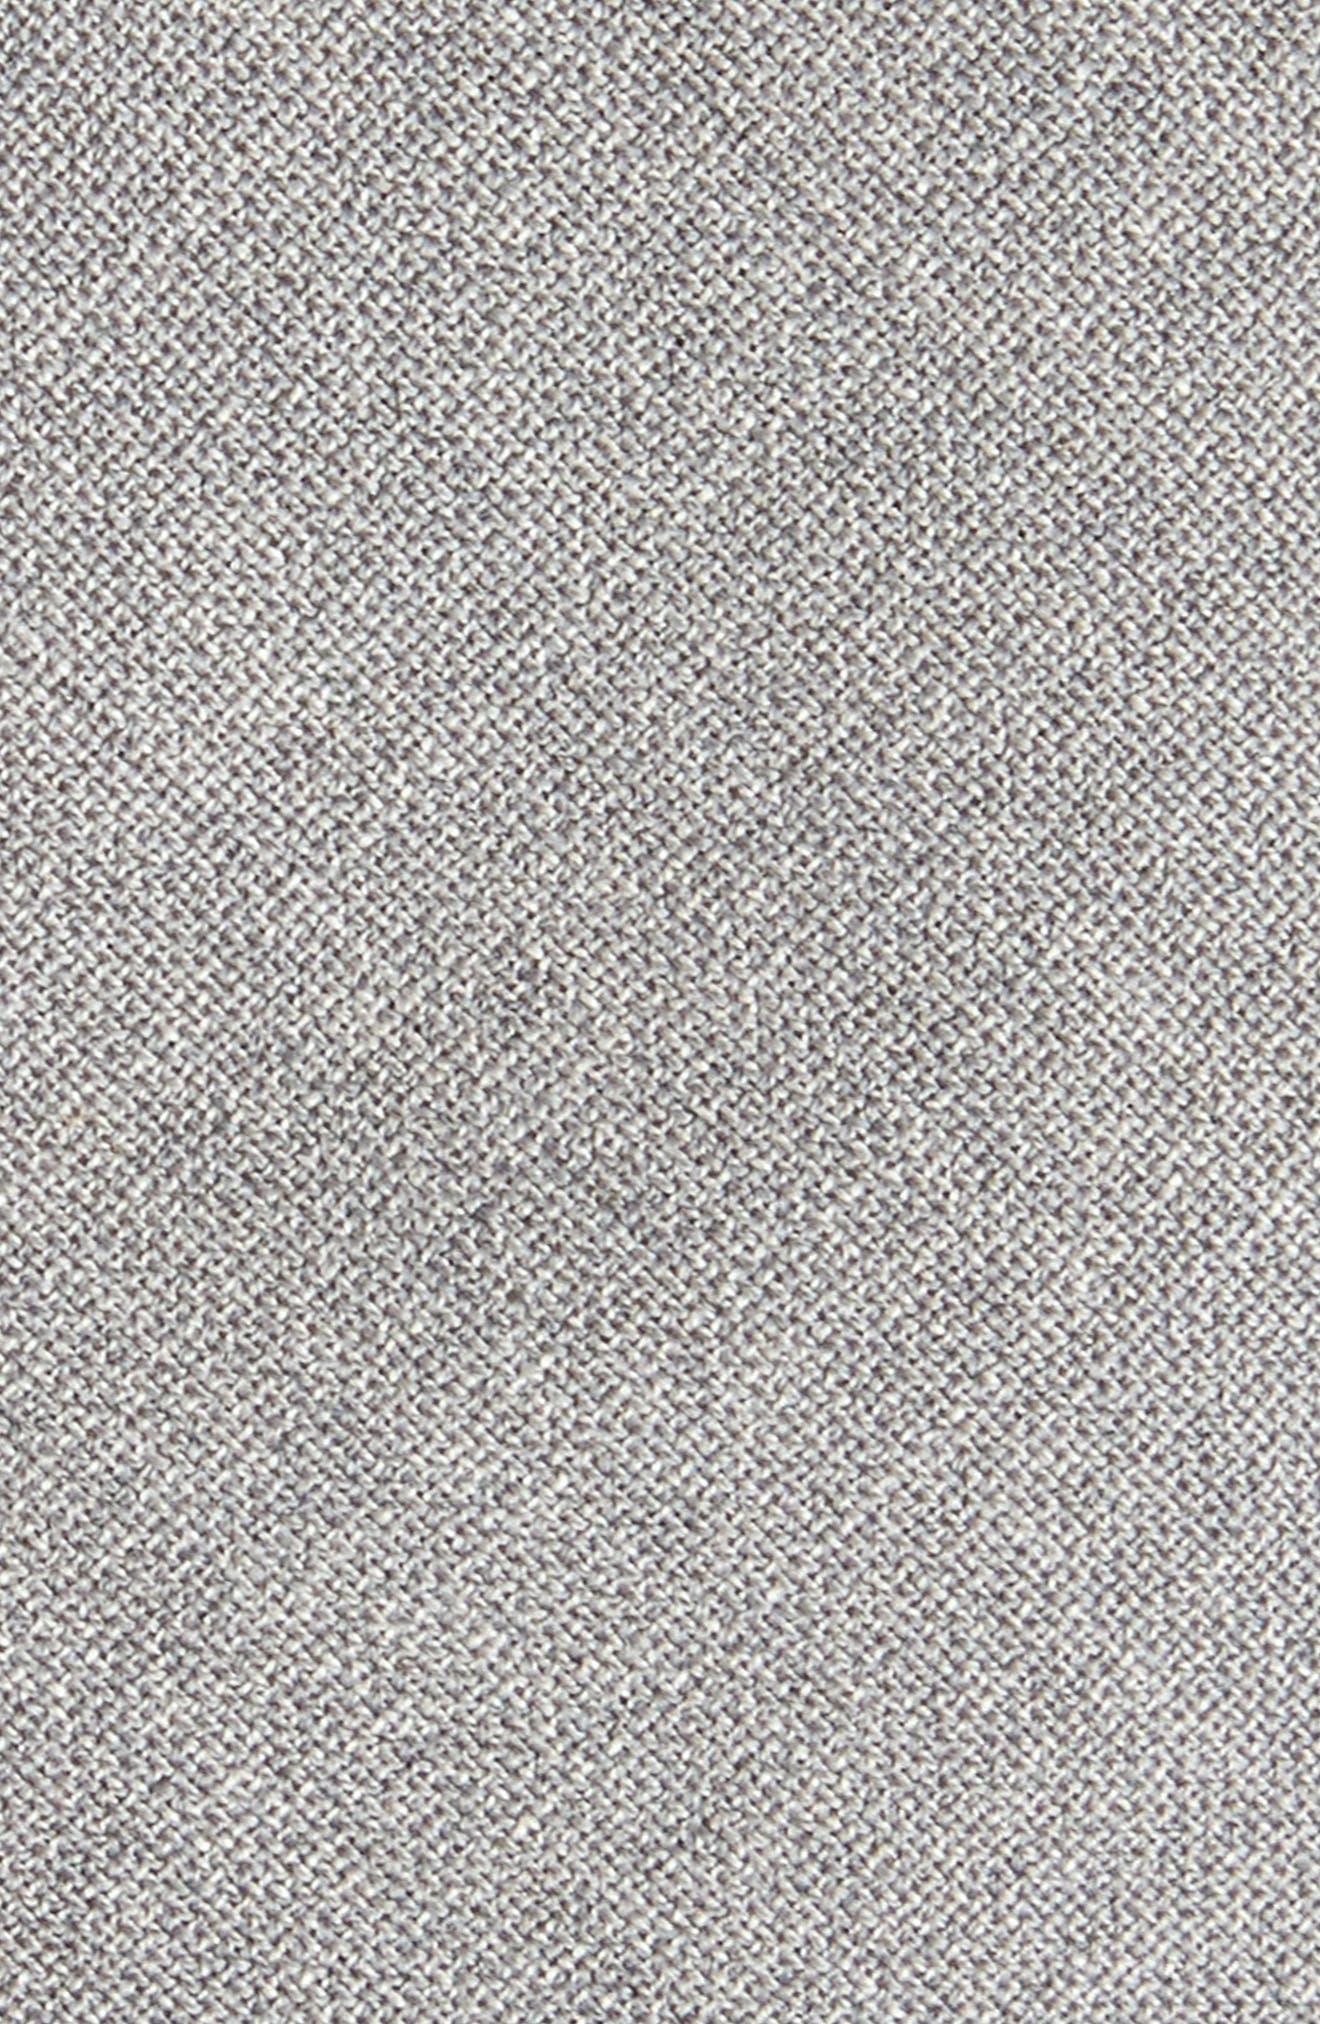 Jaspé Wool Skinny Tie,                             Alternate thumbnail 2, color,                             Pearl Grey